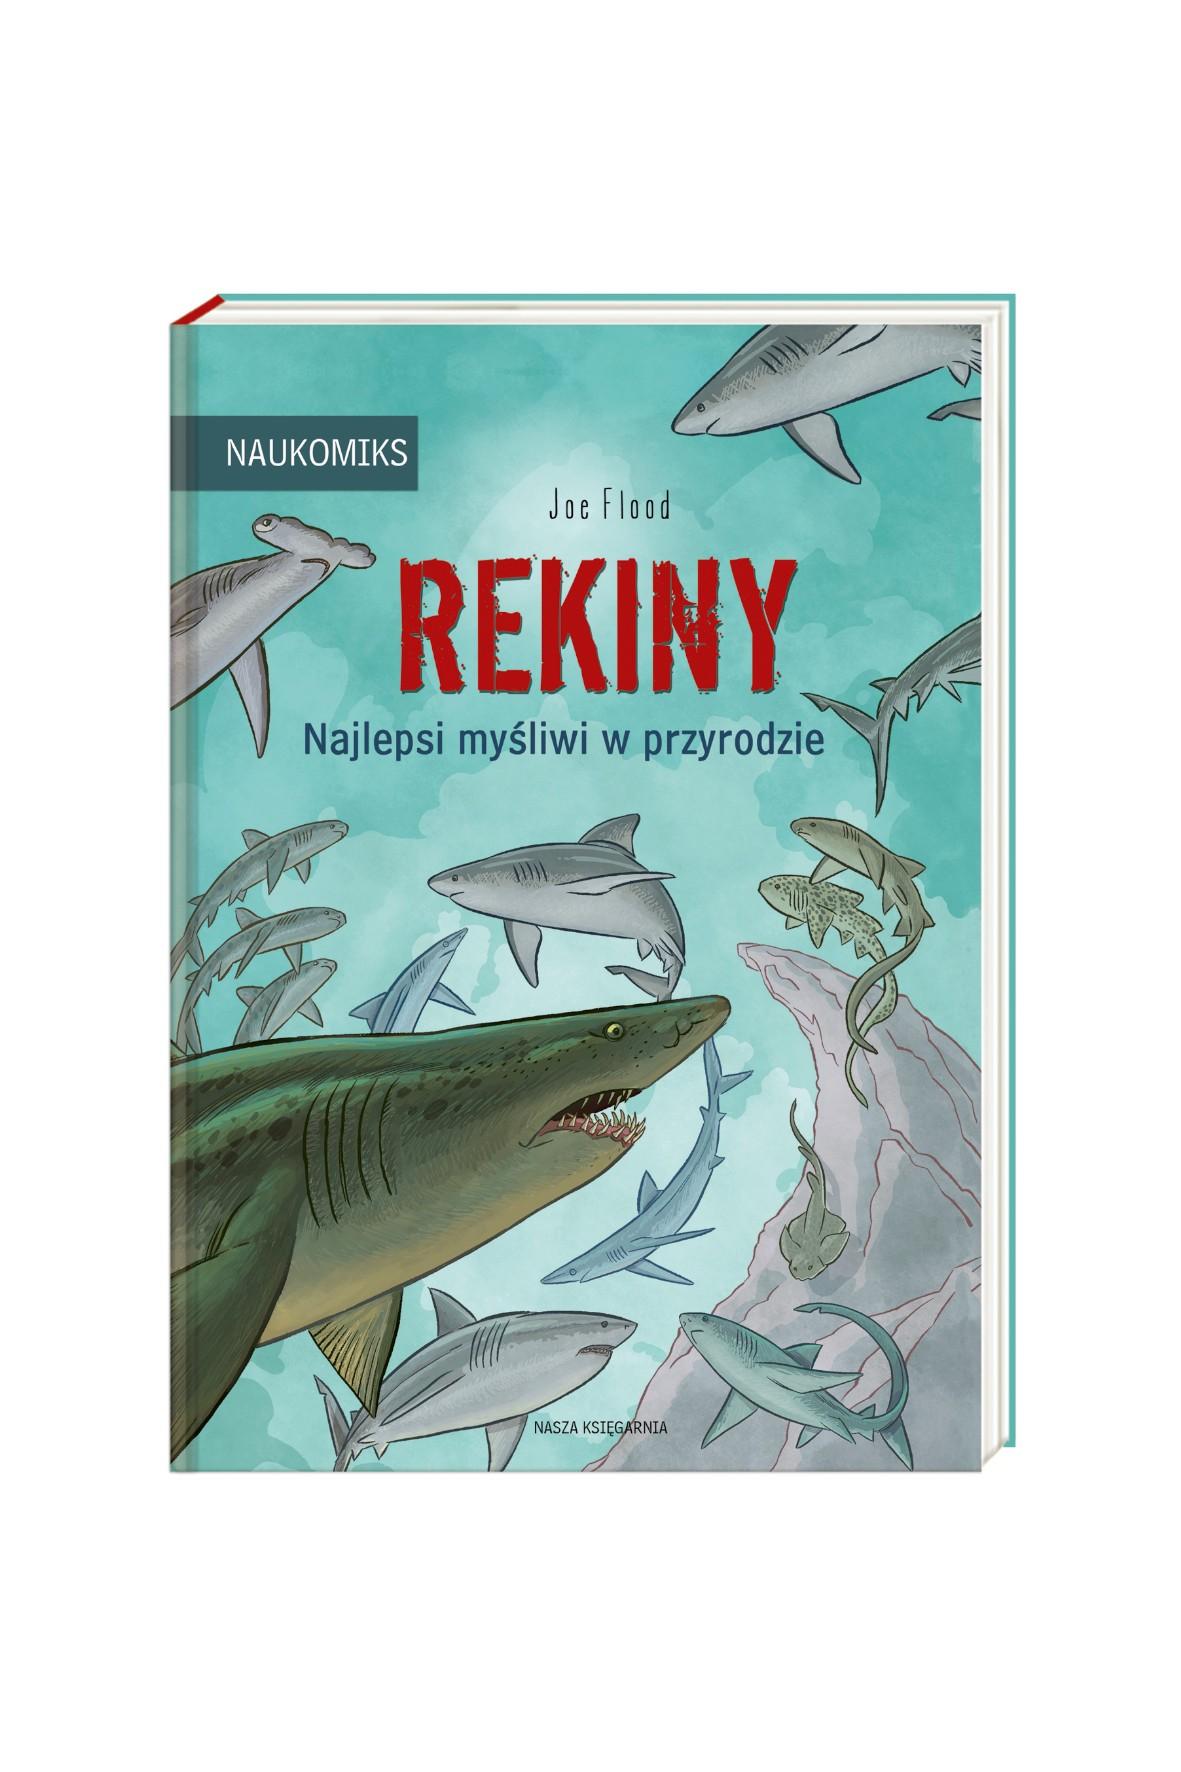 Książka Rekiny - najlepsi myśliwi w przyrodzie